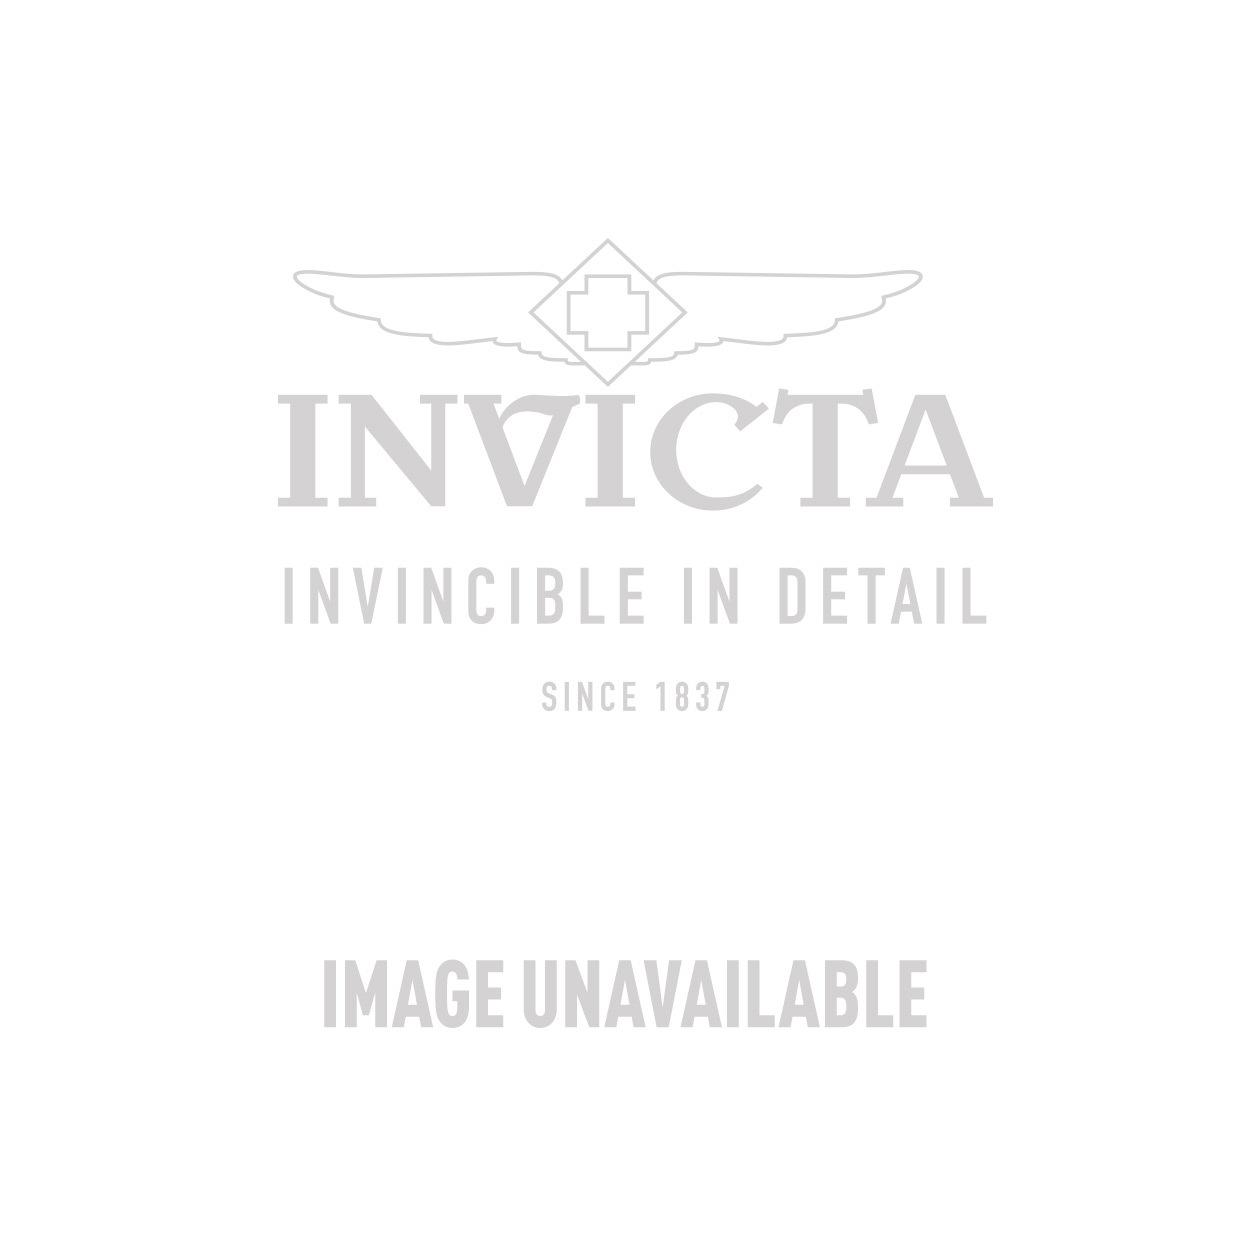 Invicta Model 25928